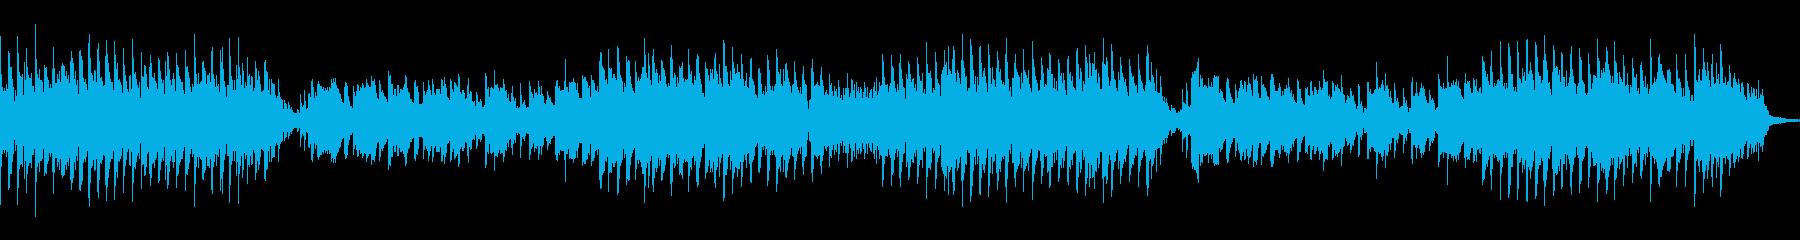 さわやかなインストの再生済みの波形